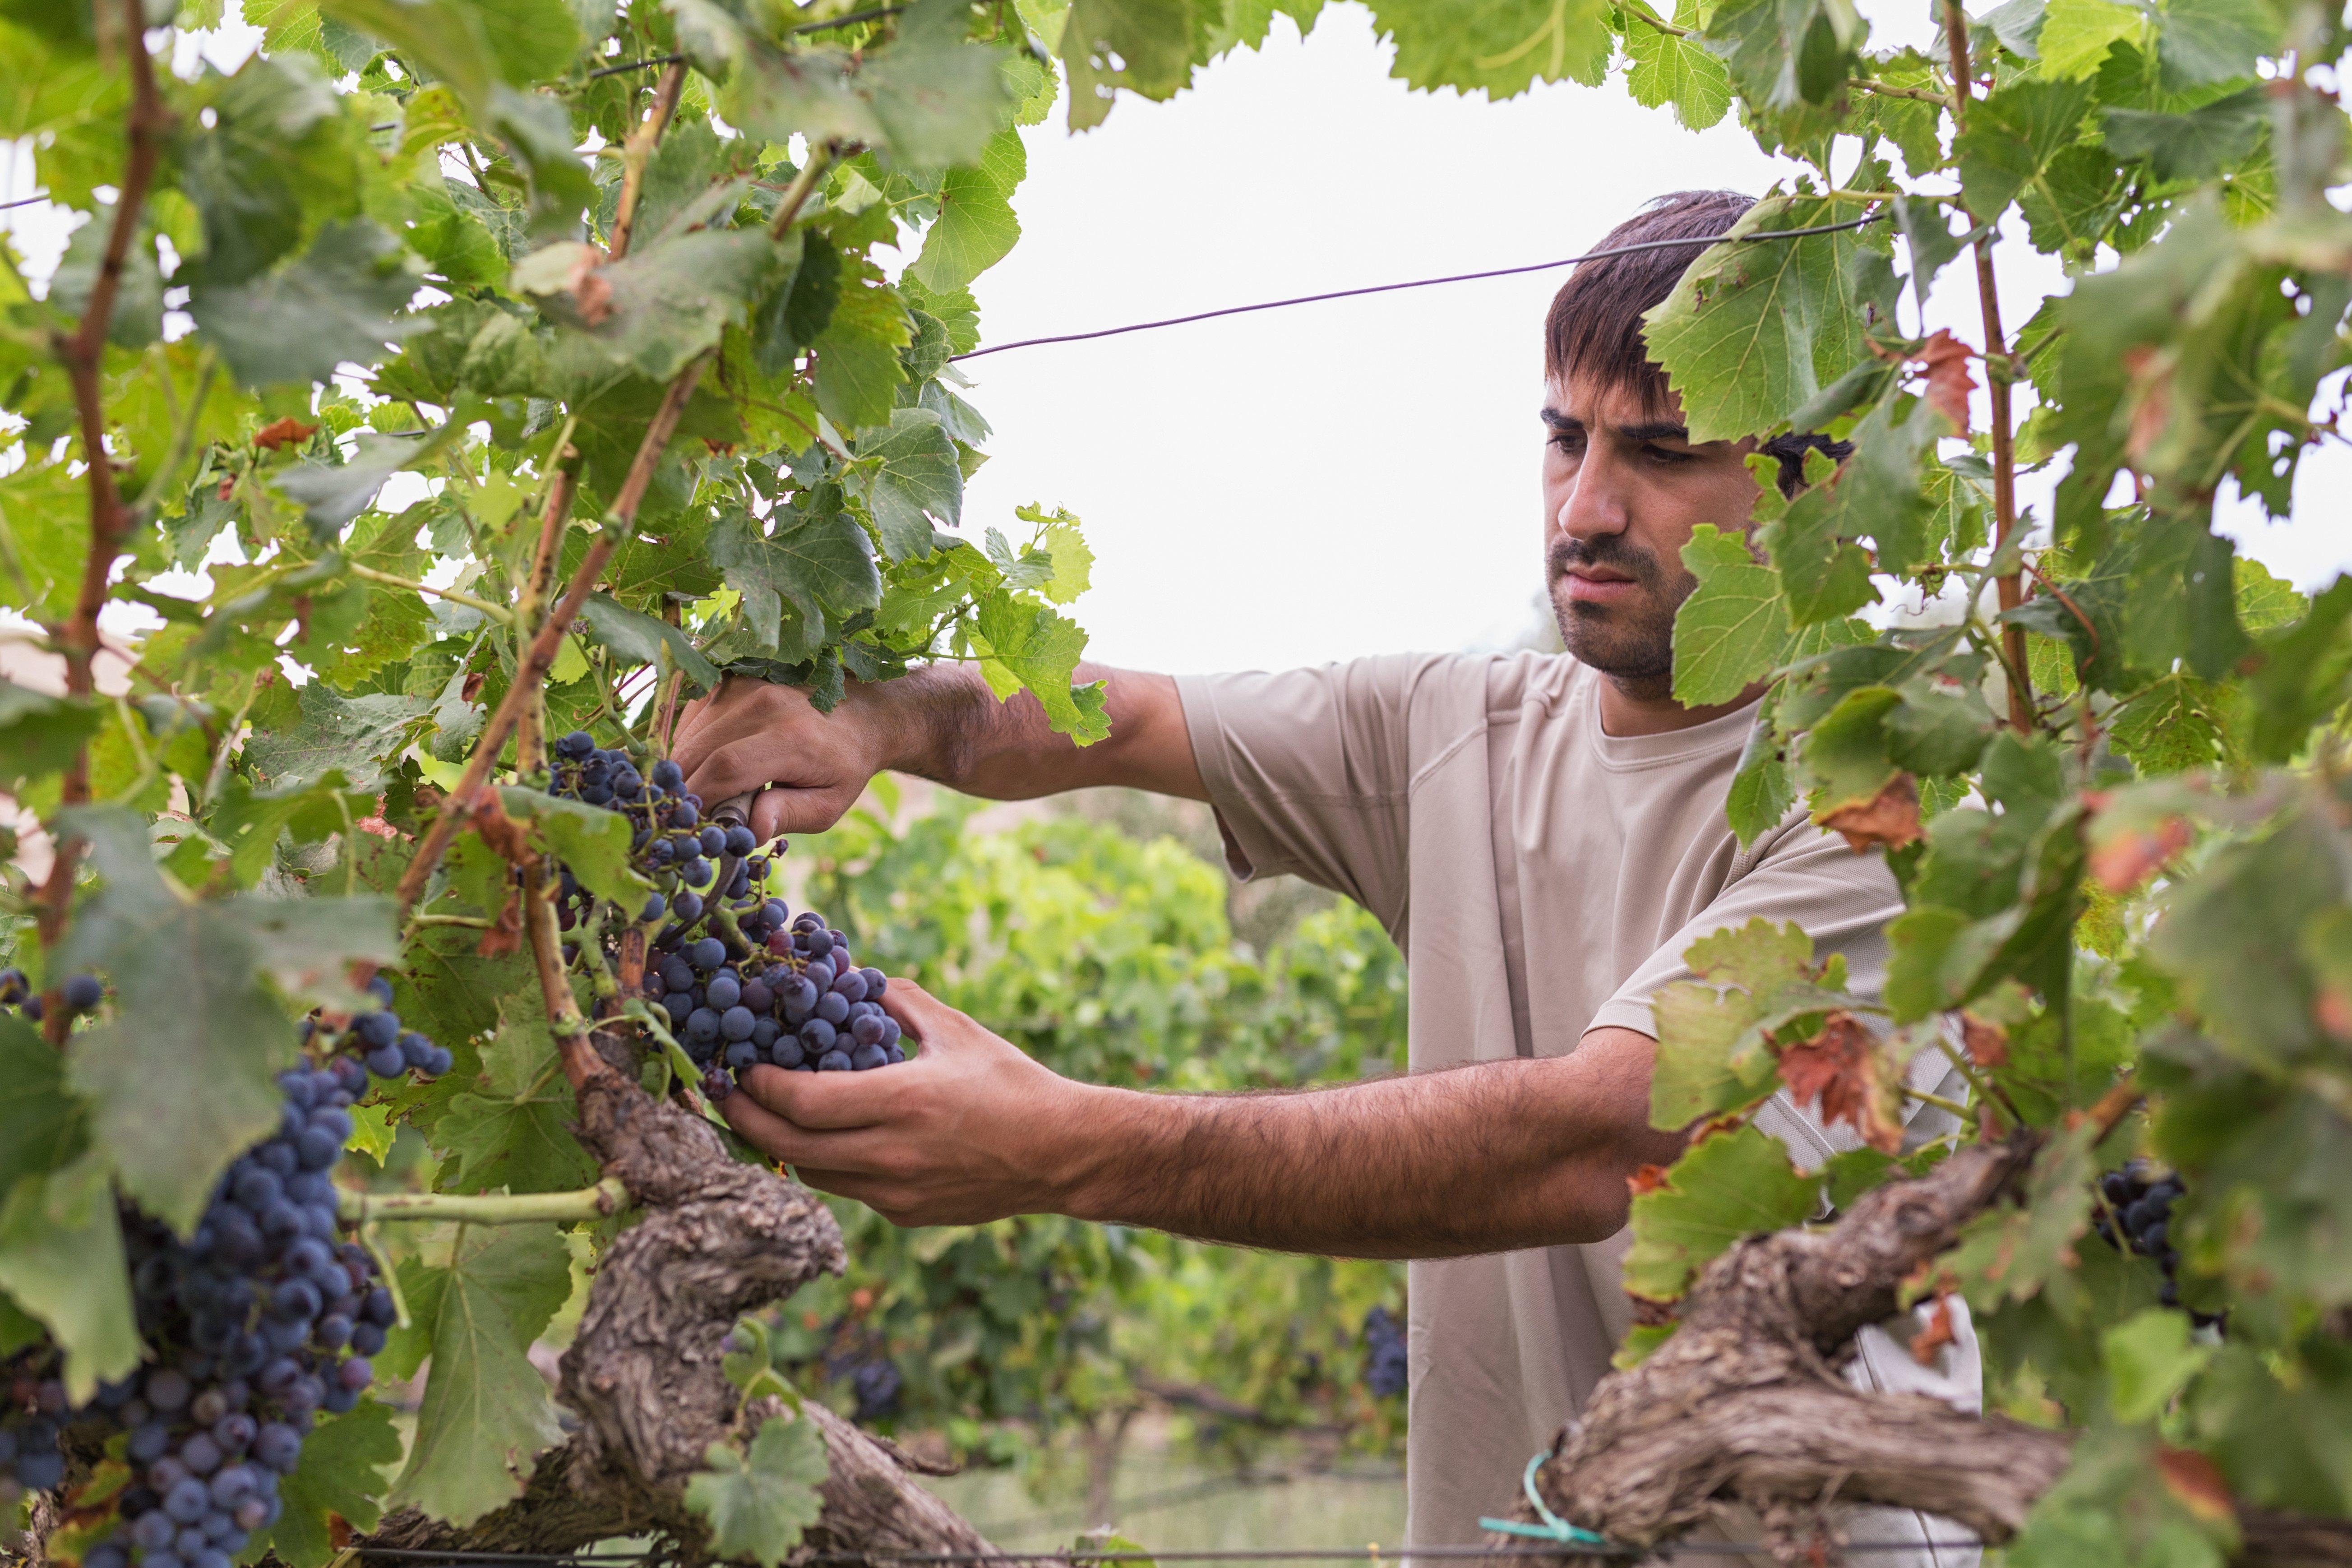 El cambio climático influye en las cosechas de uva